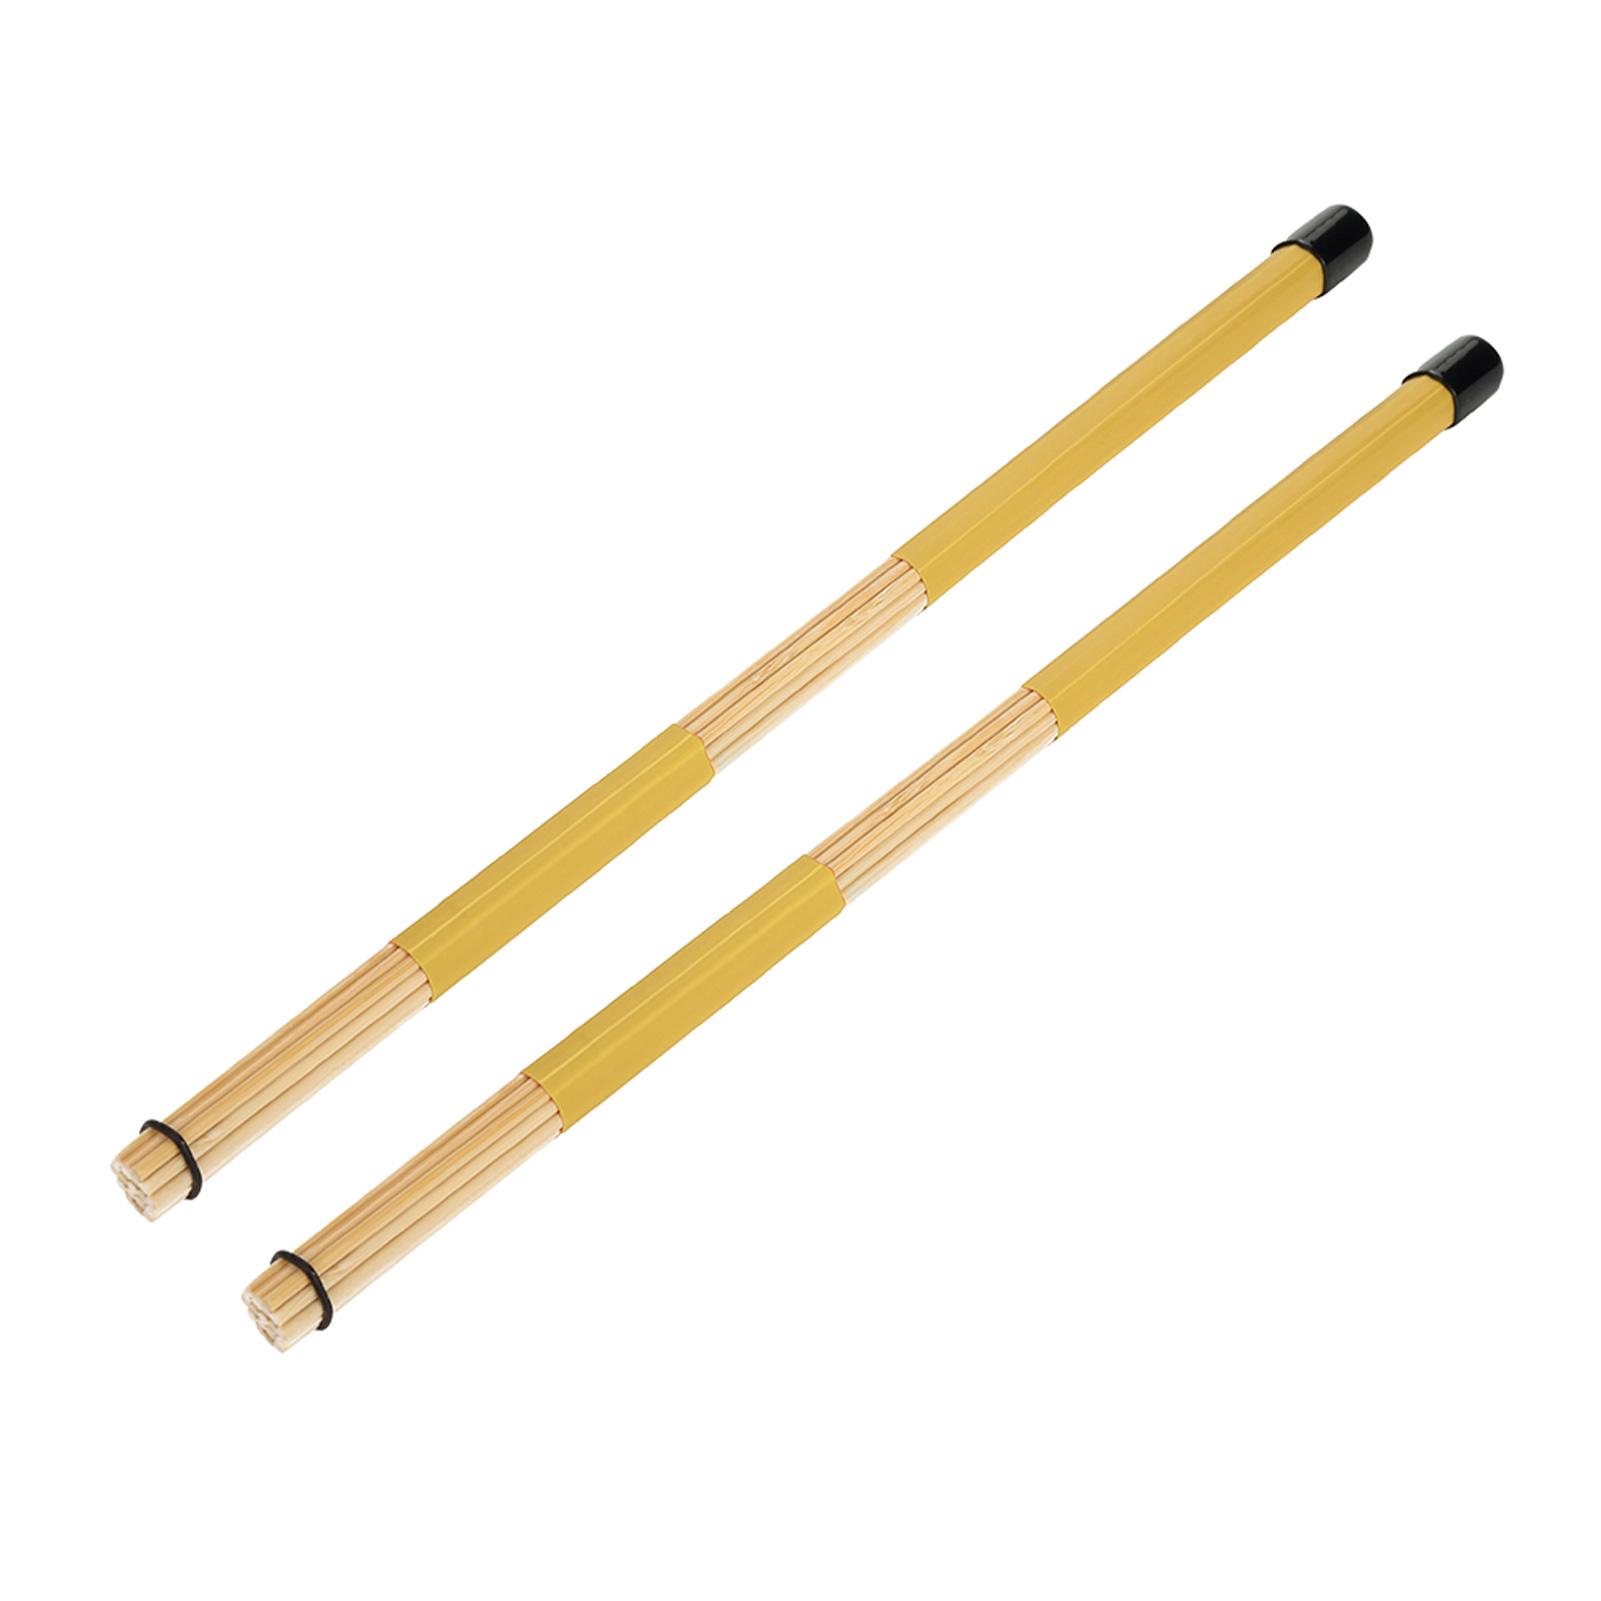 Pair-of-Jazz-Drum-Brushes-Bamboo-Drum-Brush-4Color-Option-Rod-Drum-Sticks